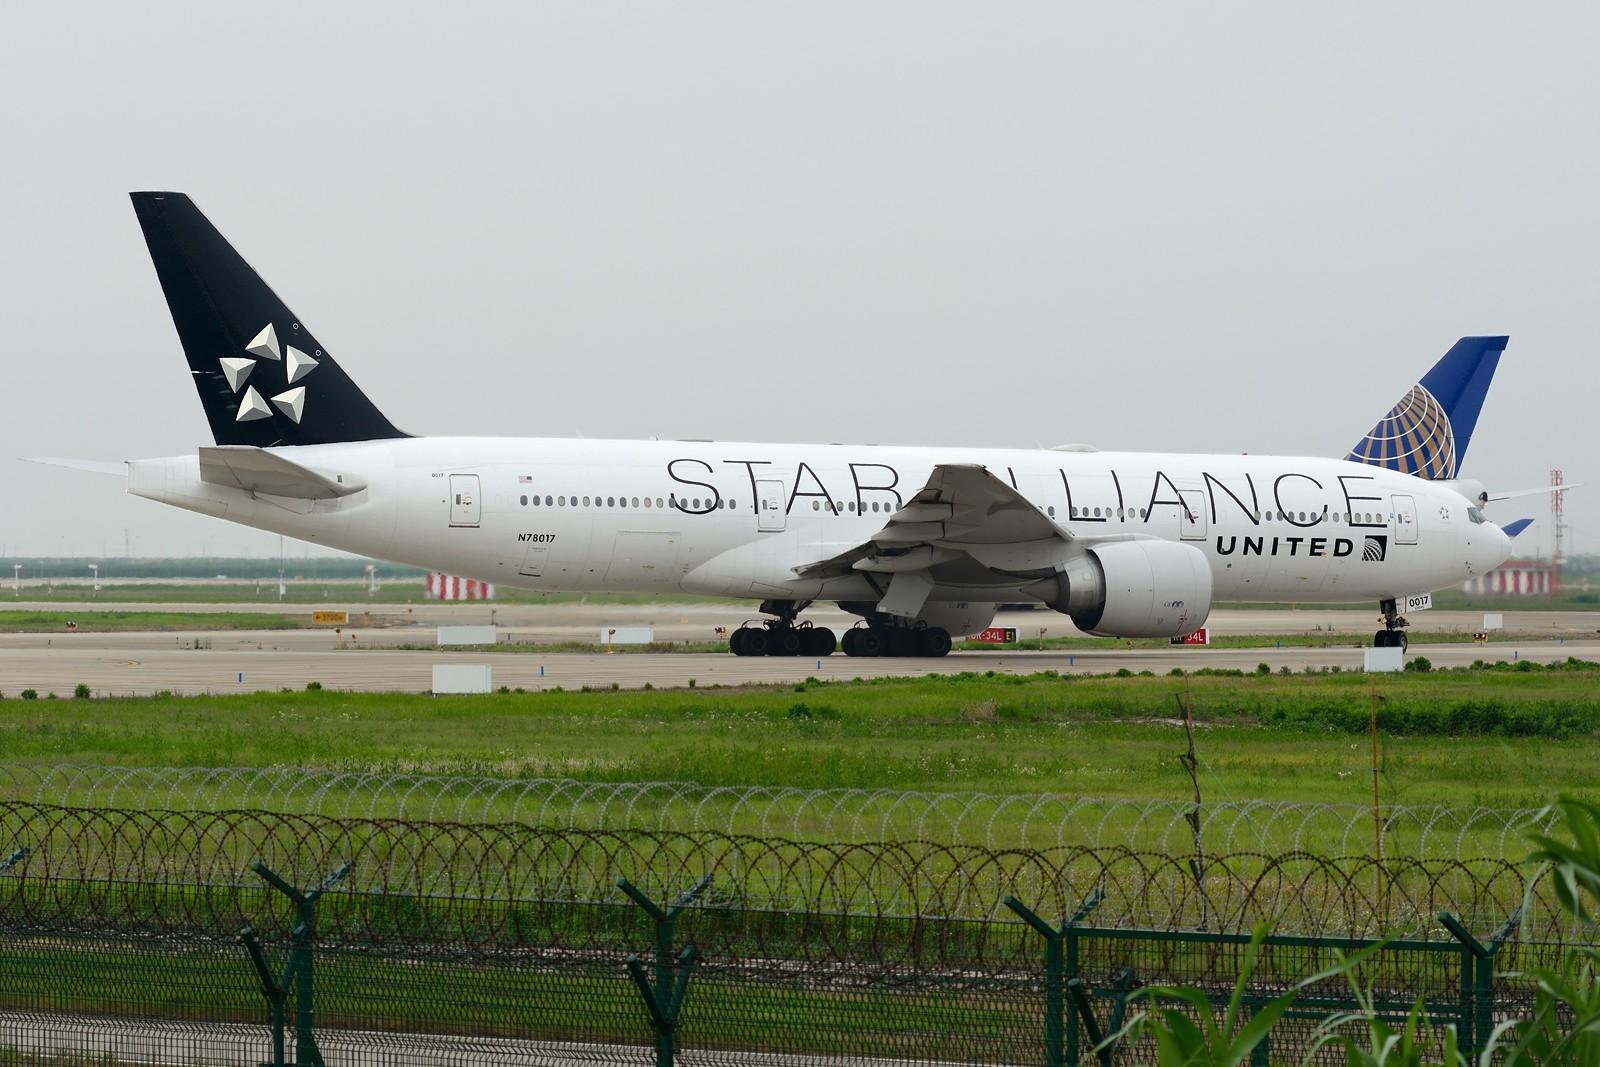 Re:[原创]【PVG】梅雨天小拍 BOEING 777-200ER N78017 中国上海浦东国际机场